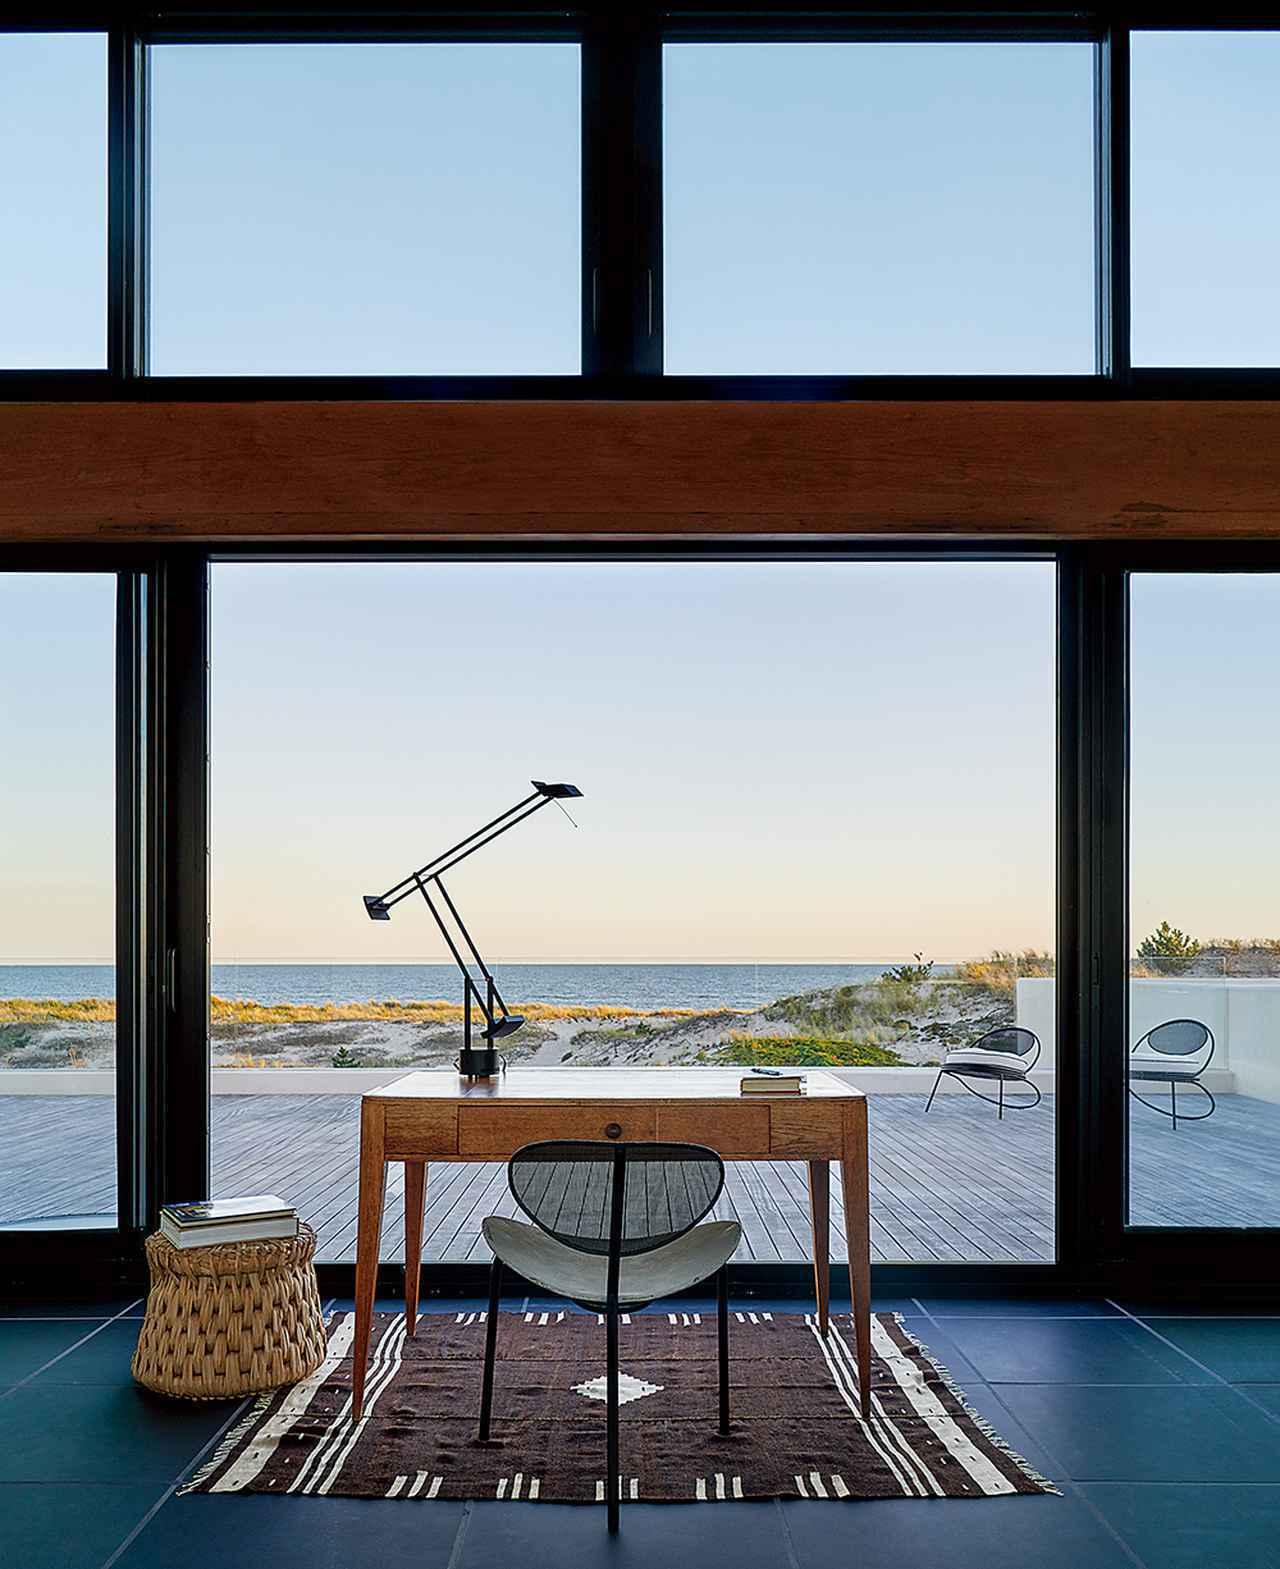 Images : 3番目の画像 - 「ウォード・ベネットが建てた 砂浜にたたずむ家」のアルバム - T JAPAN:The New York Times Style Magazine 公式サイト